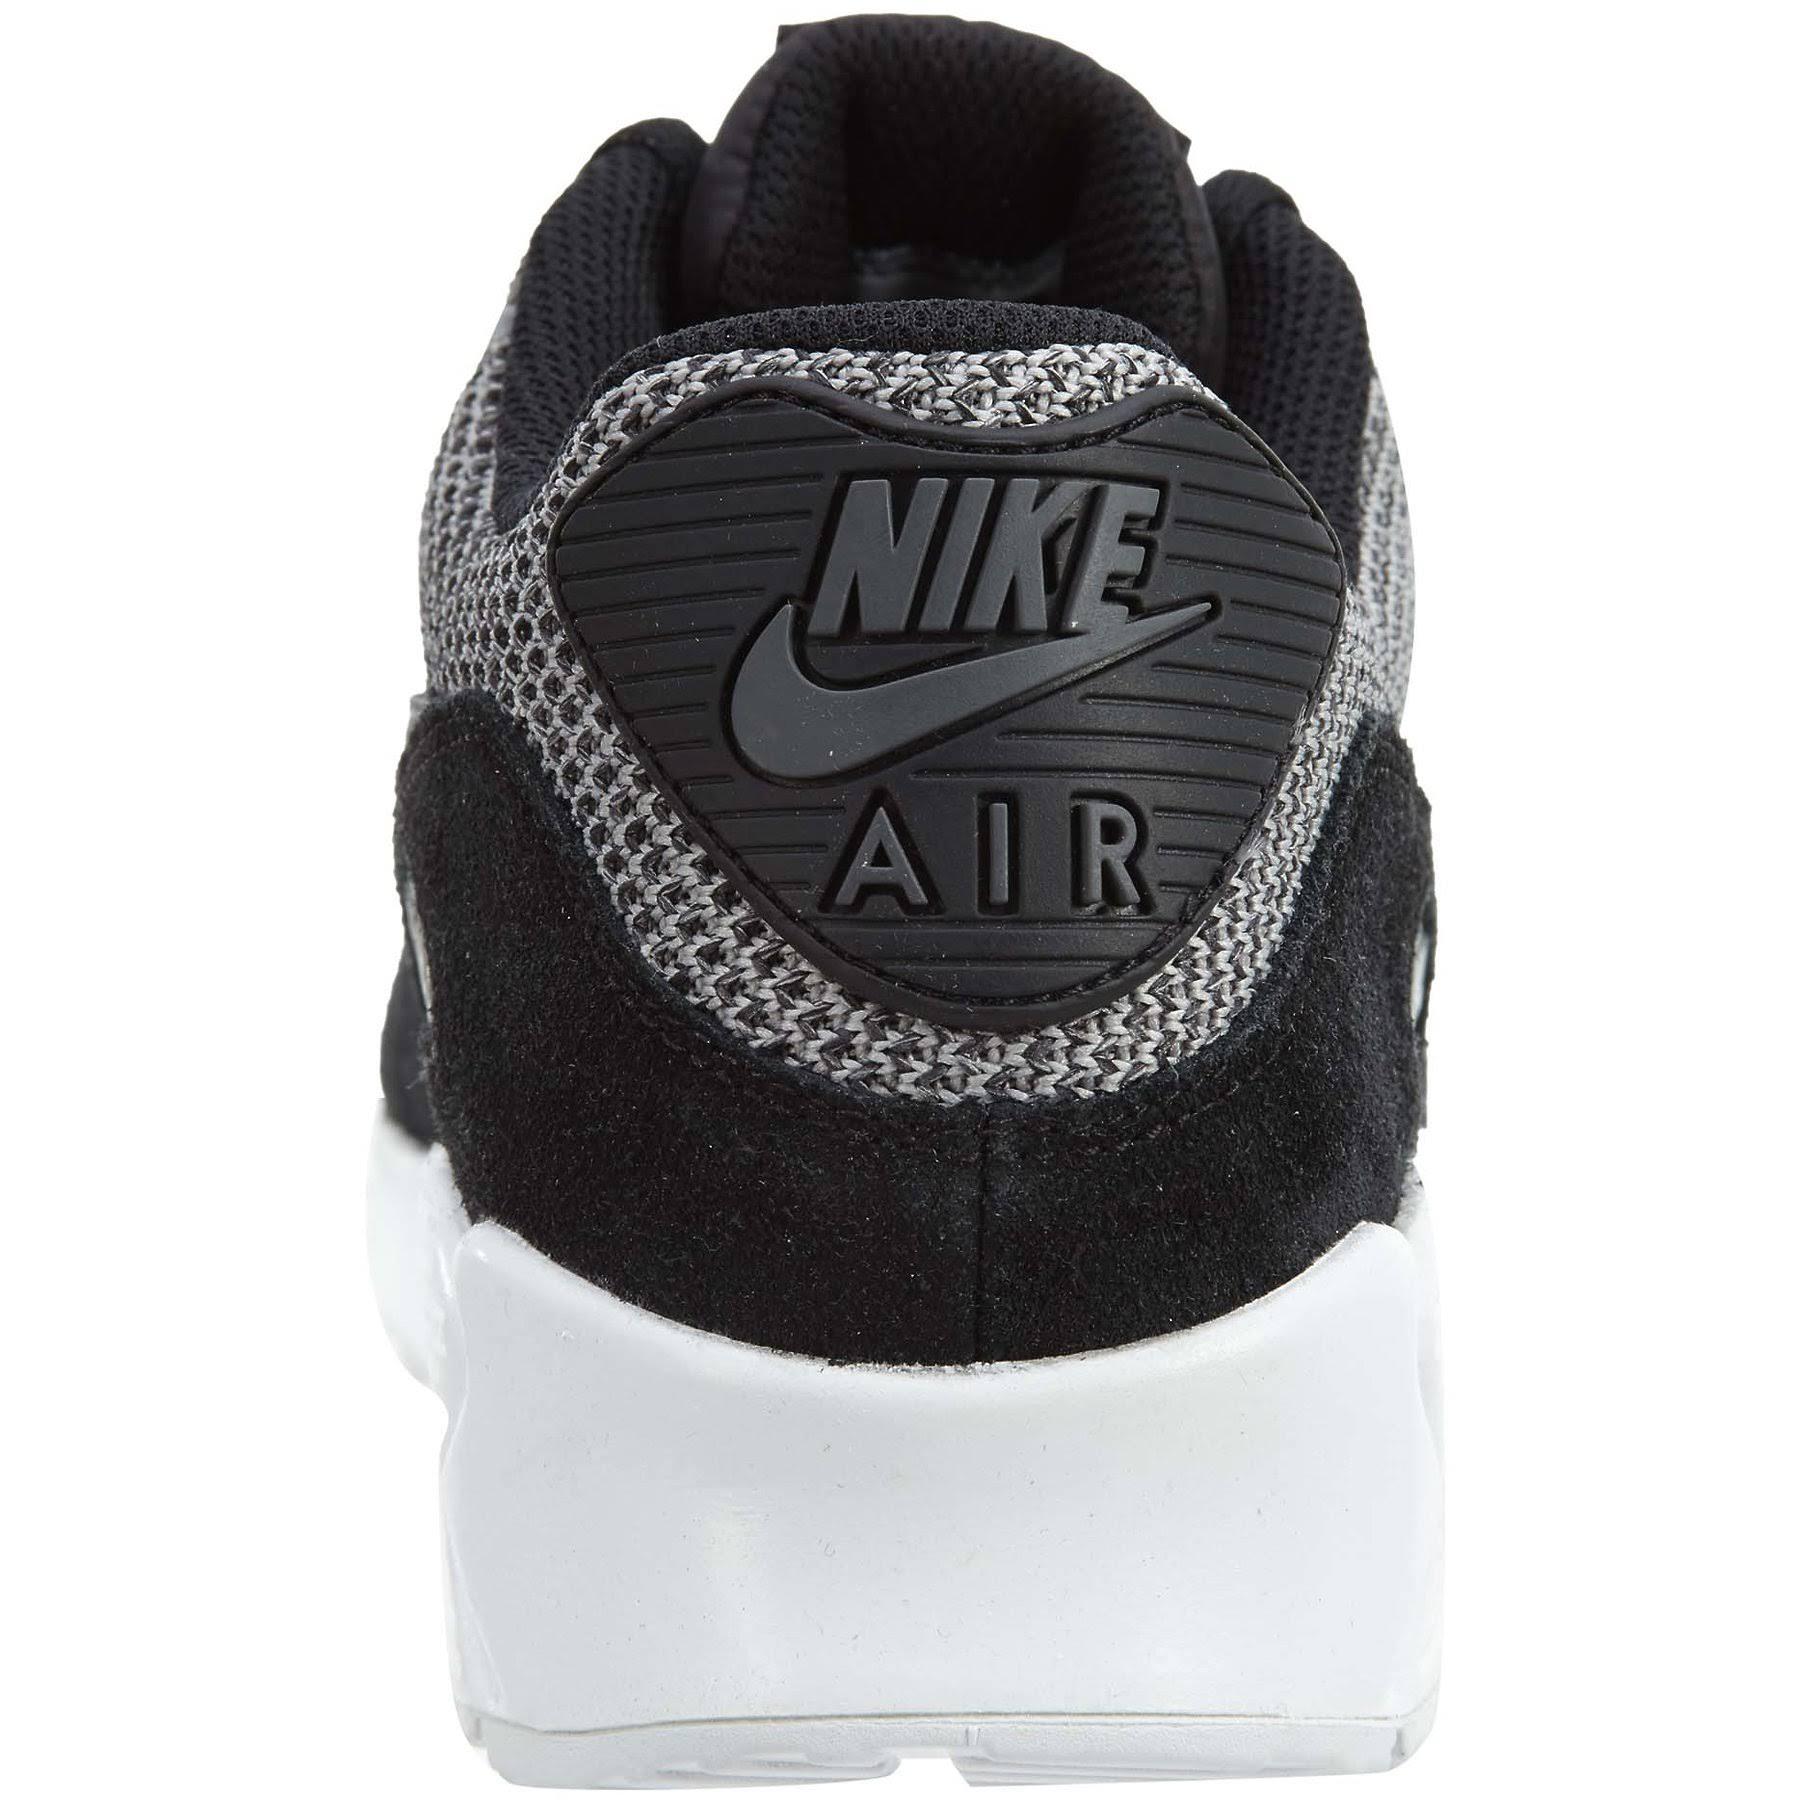 8 5 90 Nike 537384075 Max Para Hombre Tamaño Air Zapatos zpqPxwz8